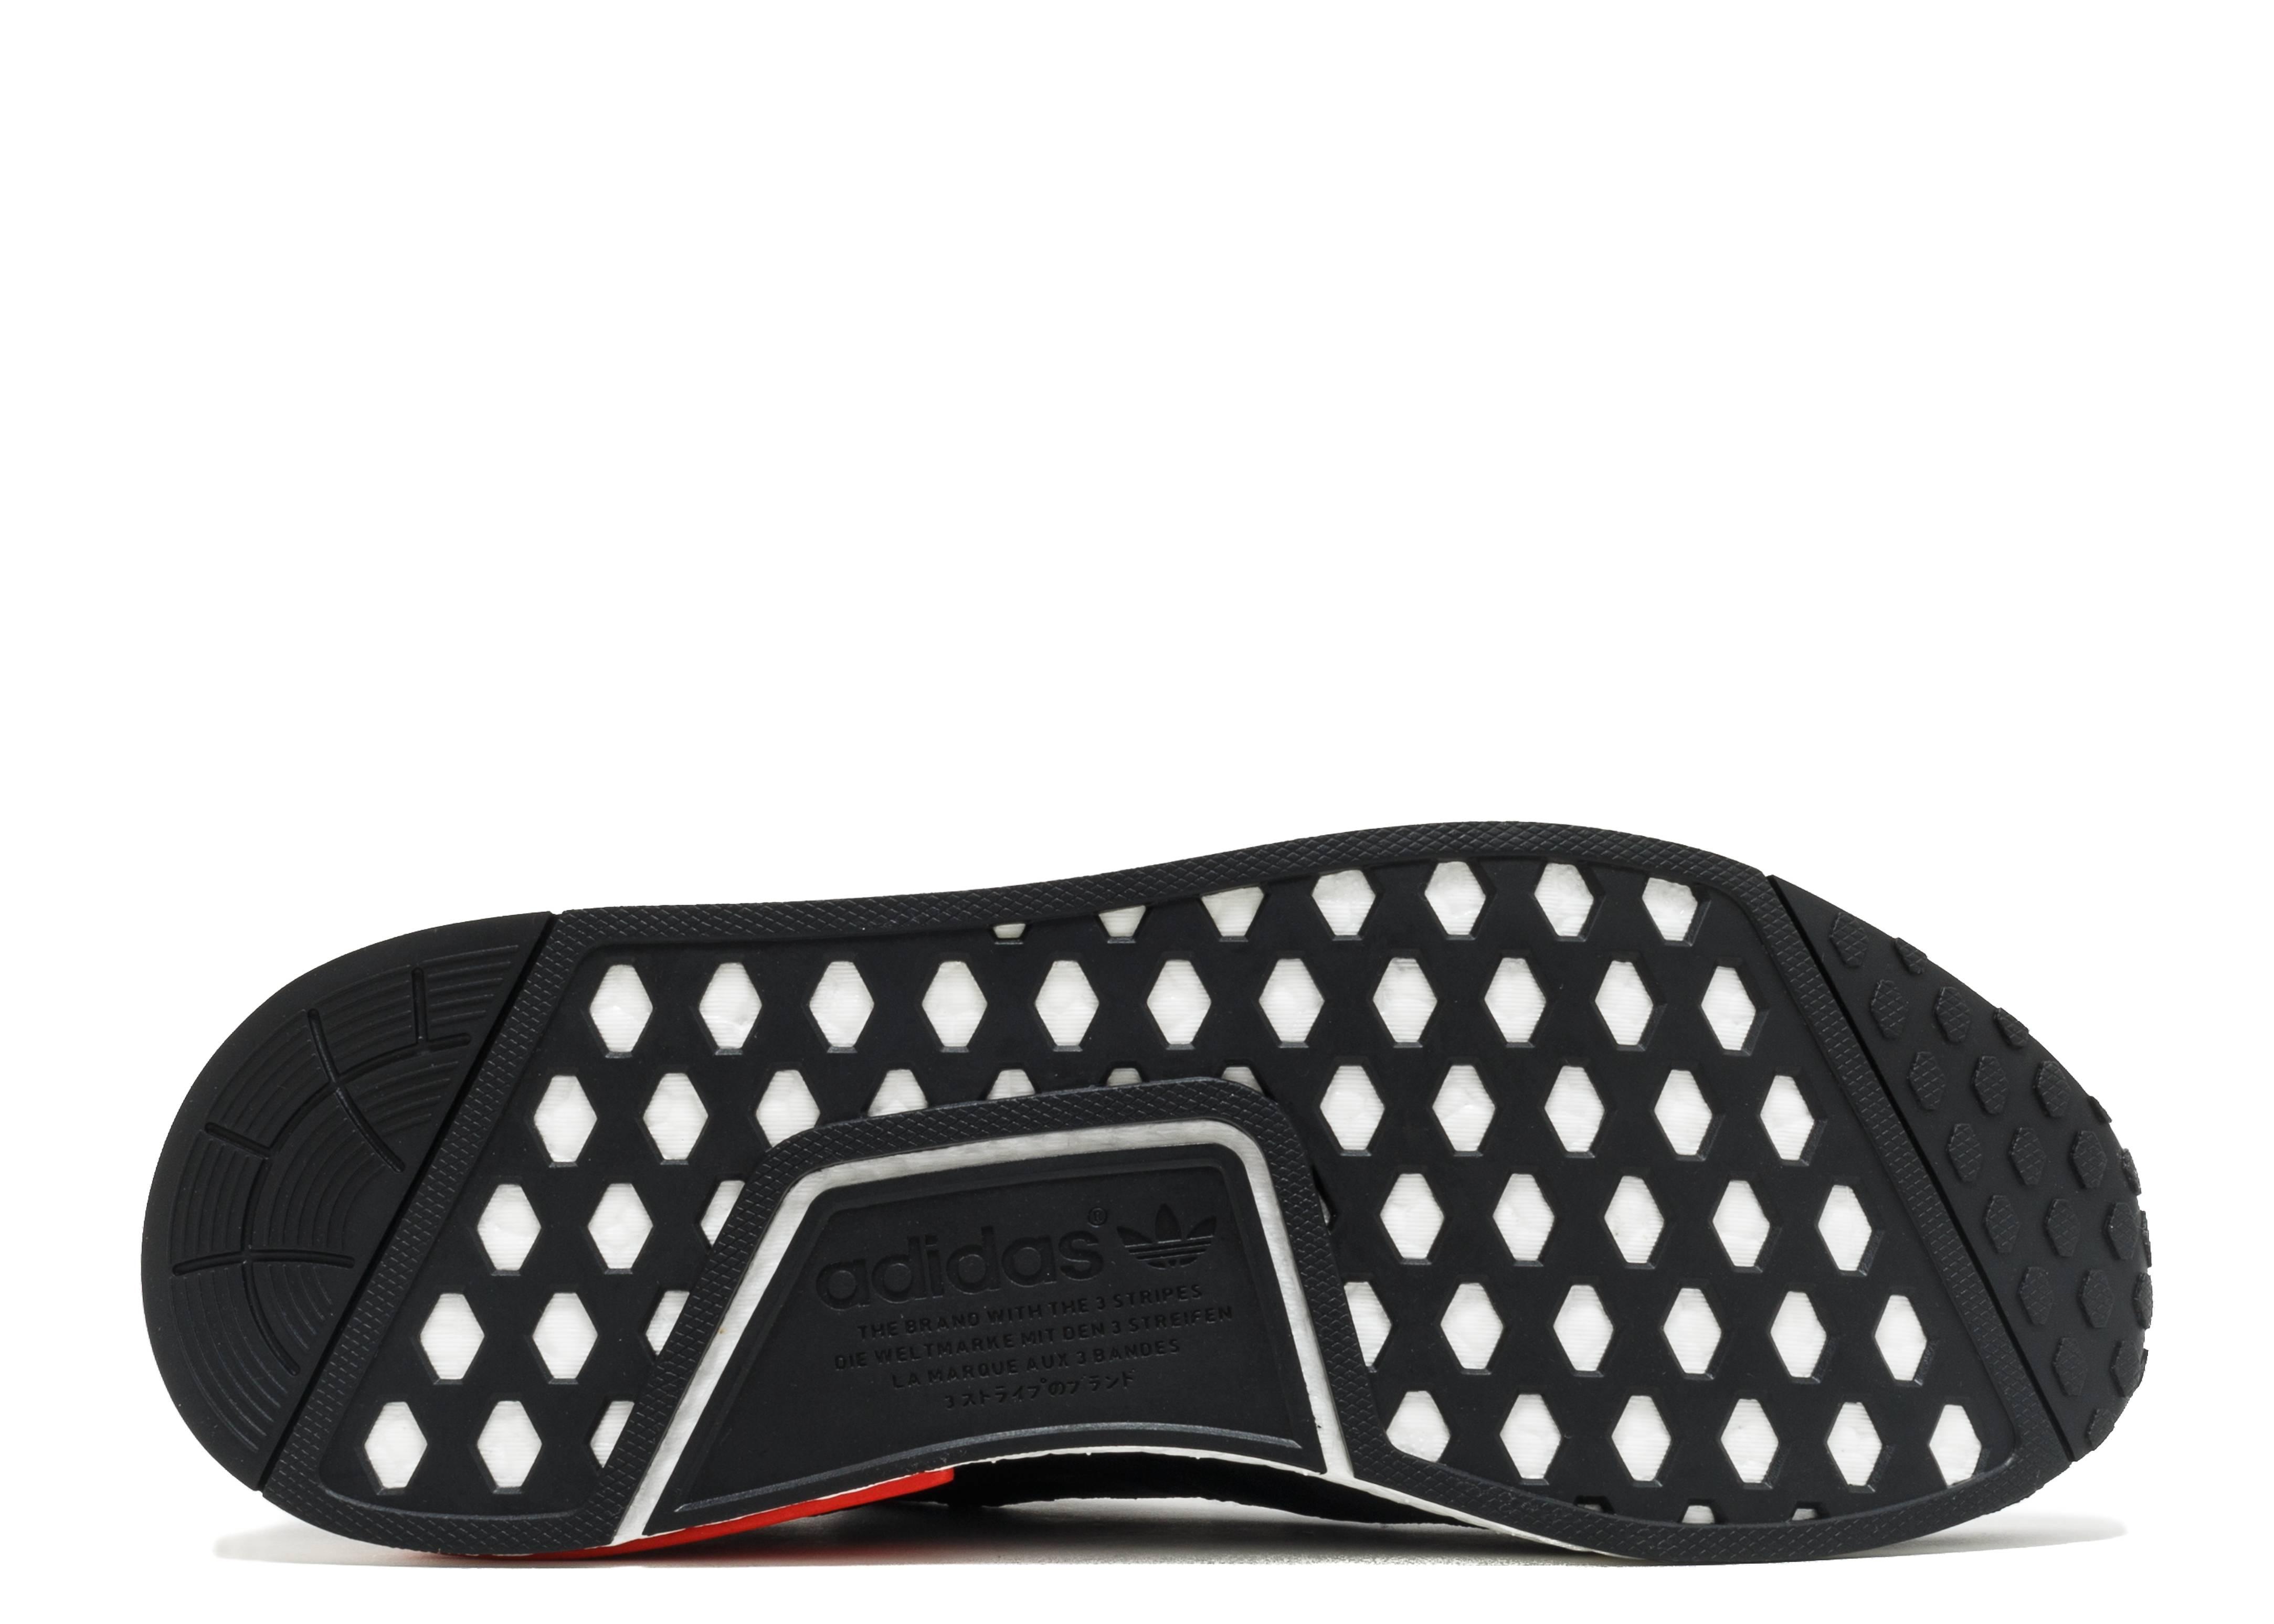 Adidas NMD R1 OG Primeknit NMD OG